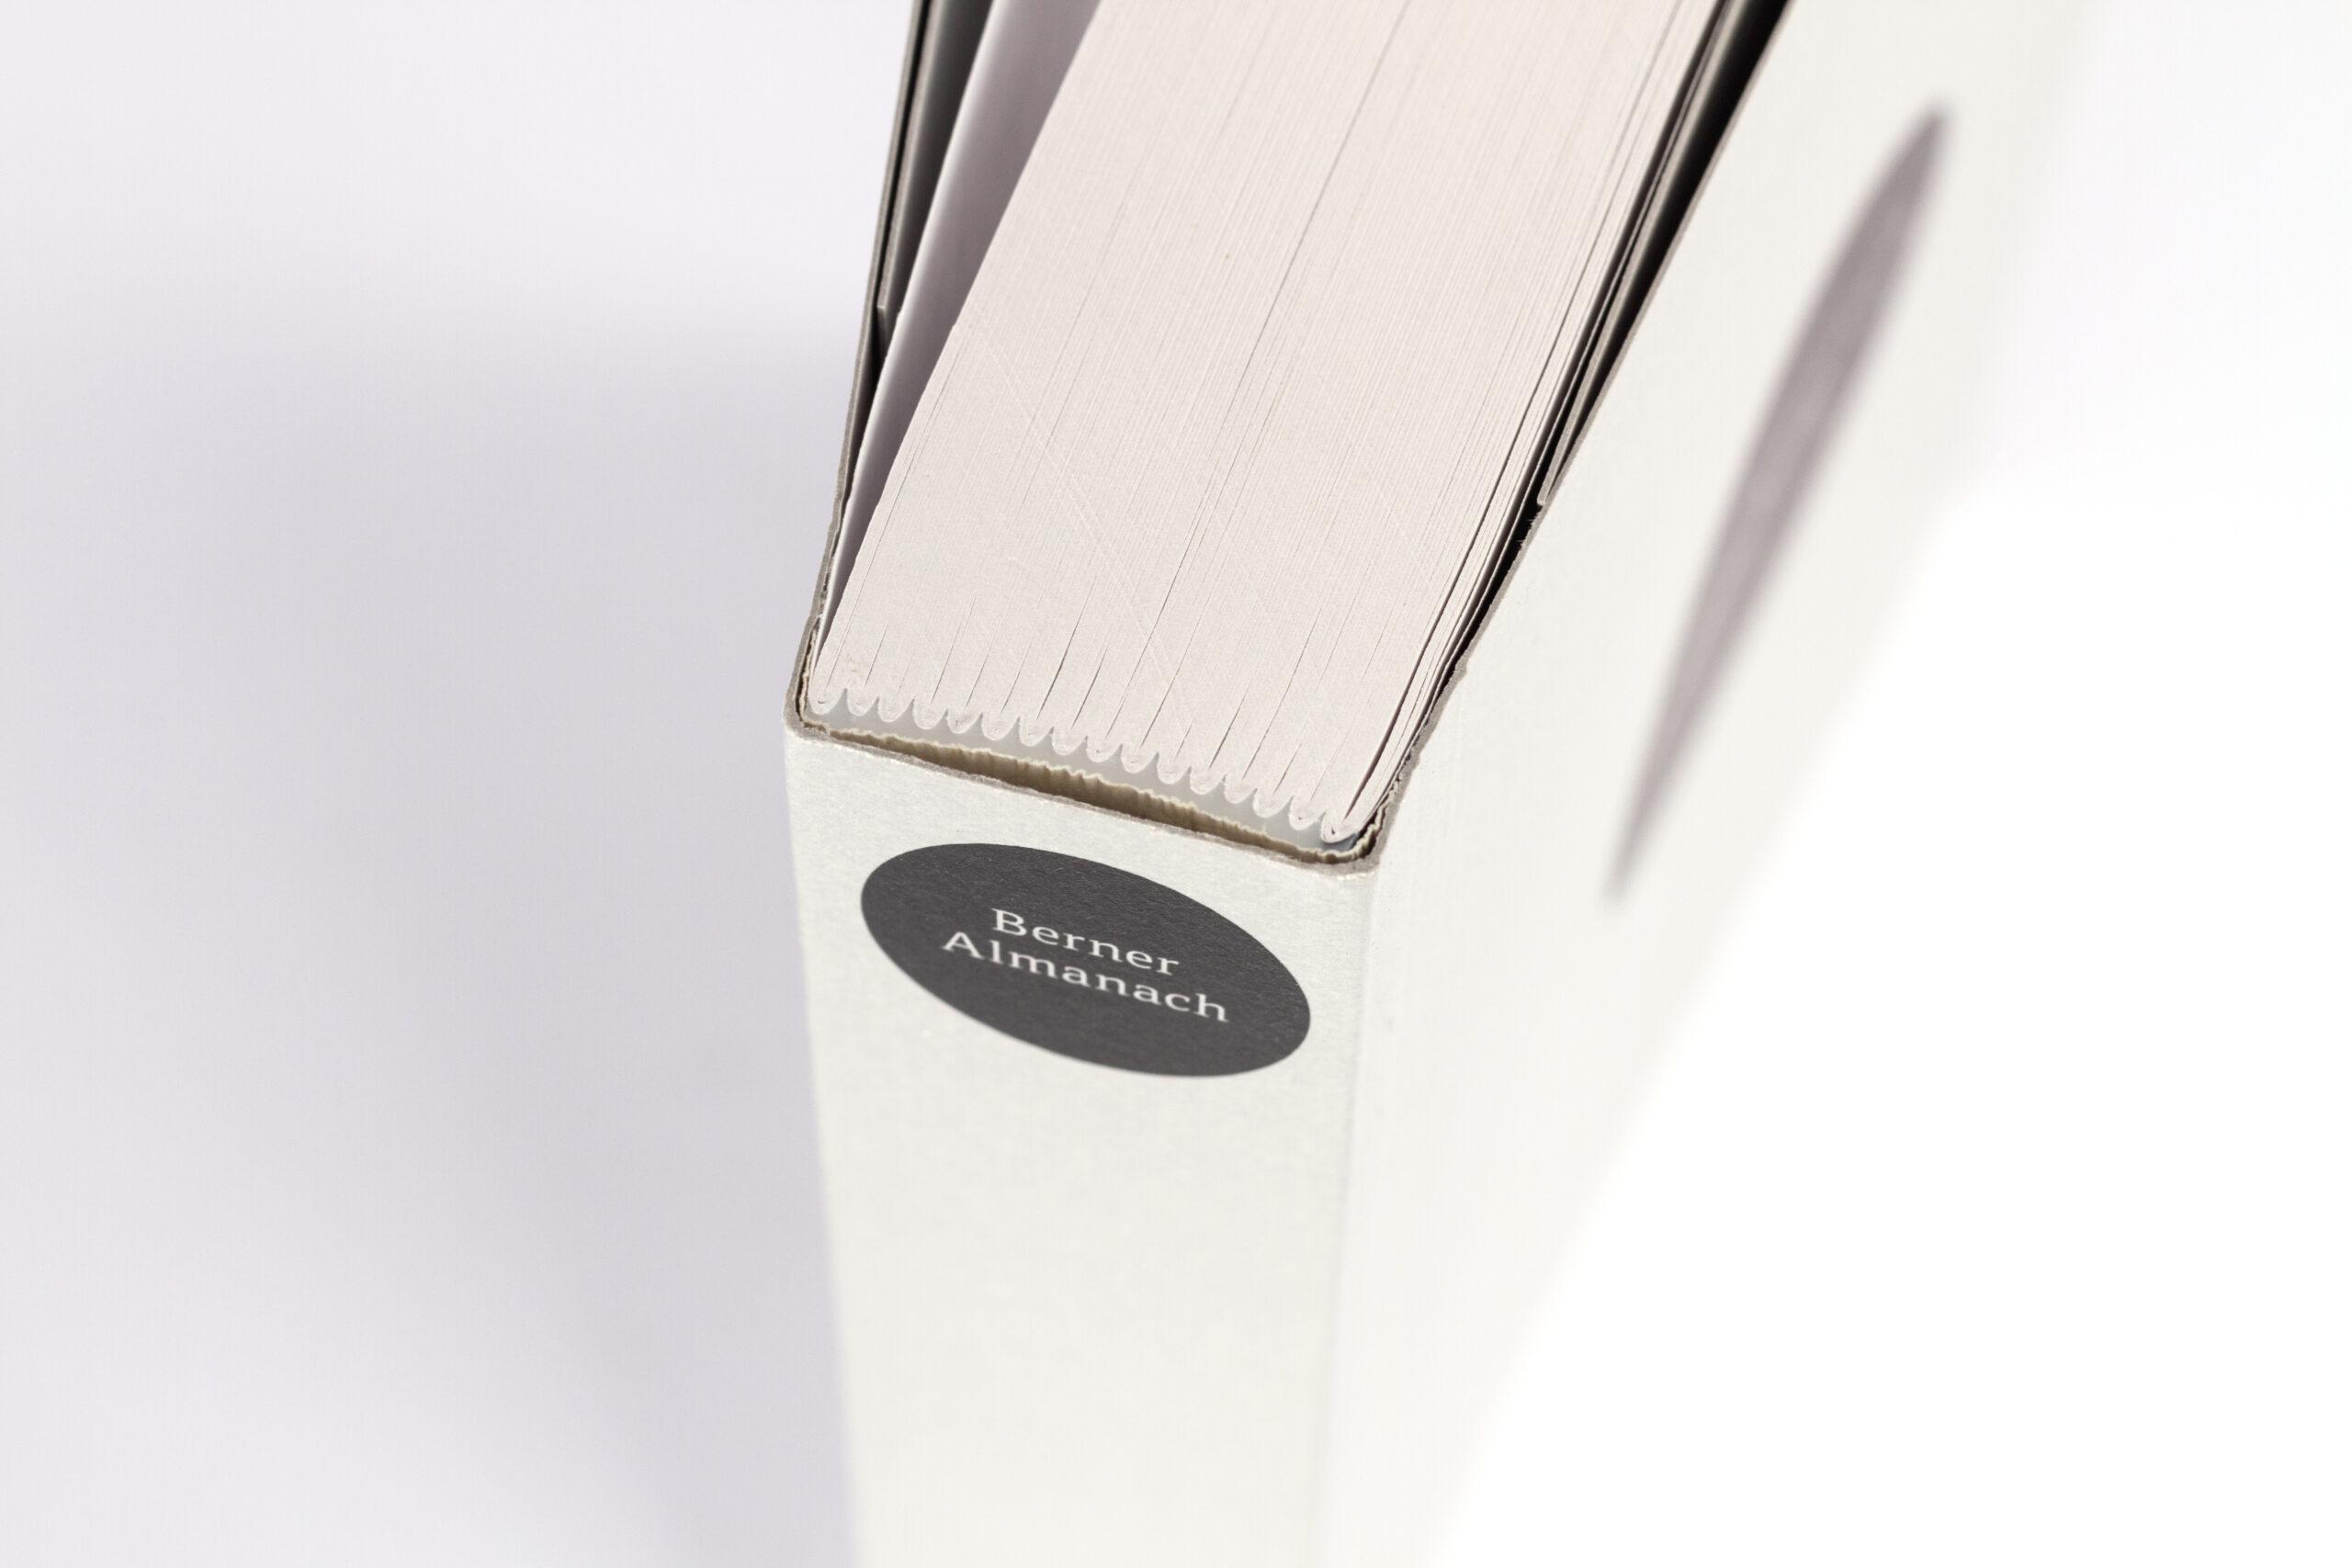 Berner Almanach Fotografie Freirücken Broschüre